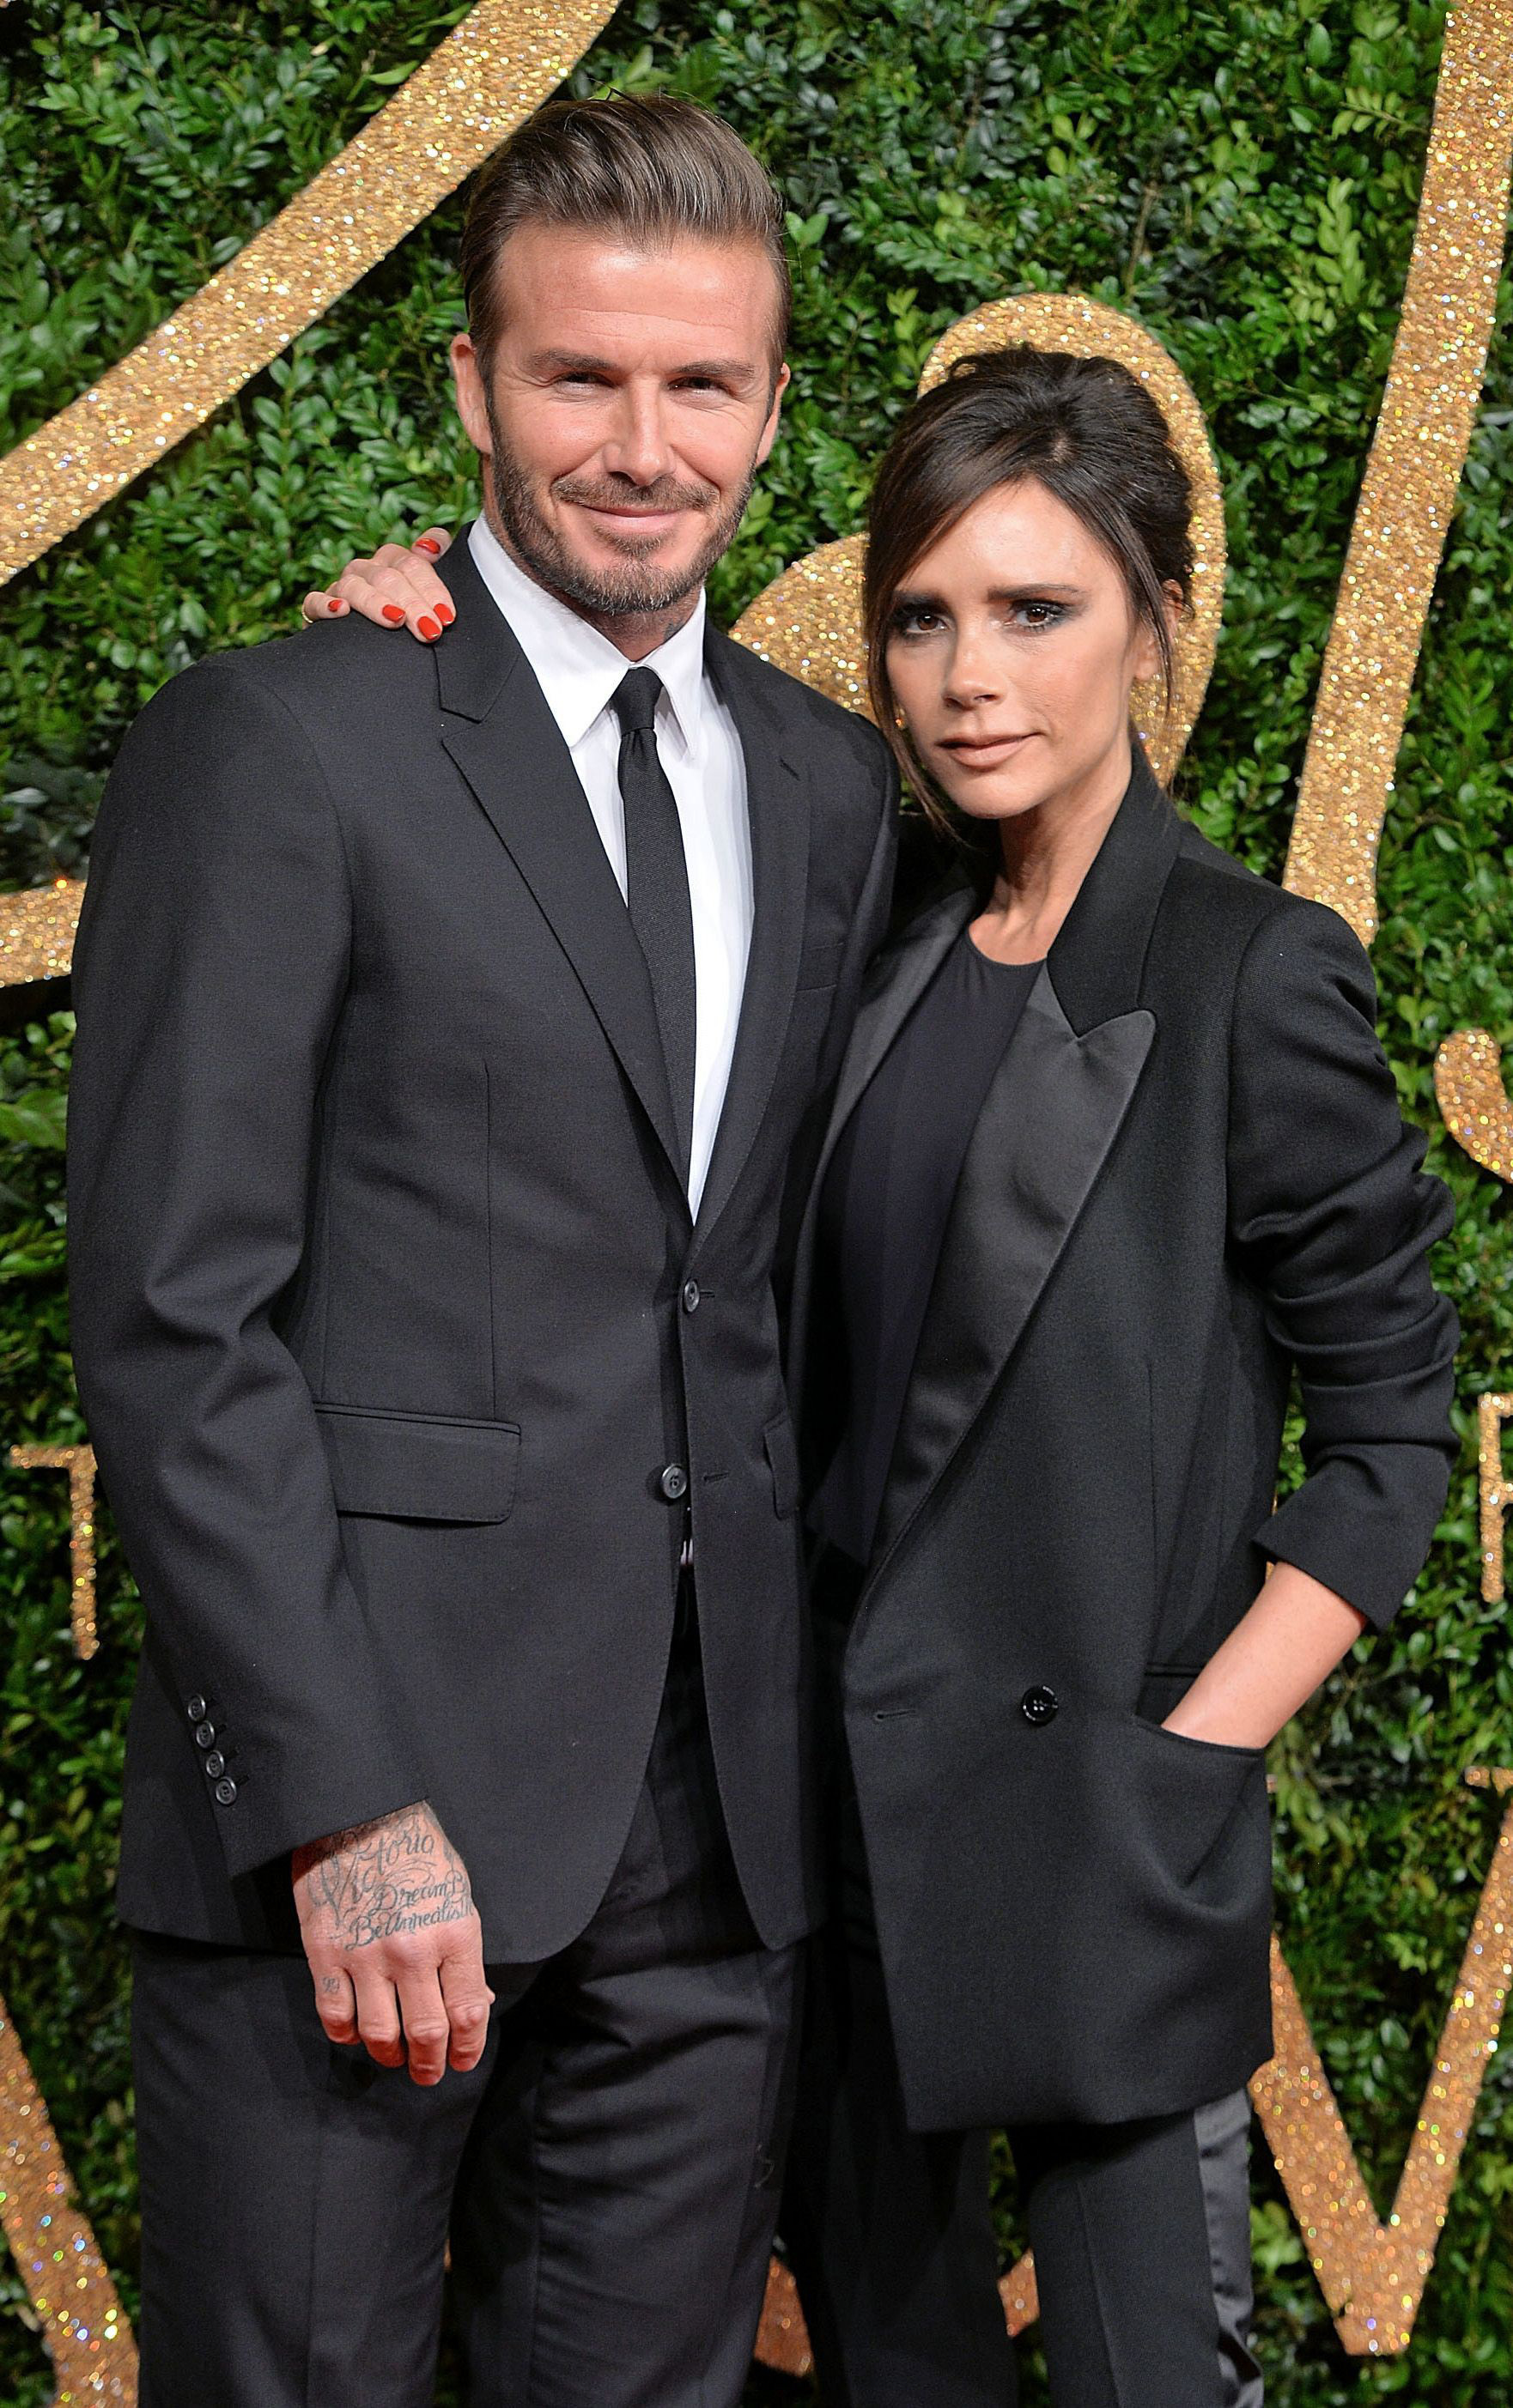 Báo Mỹ đưa tin vợ chồng David Beckham nhiễm COVID-19 do dự tiệc từ hồi tháng 3 - Ảnh 2.